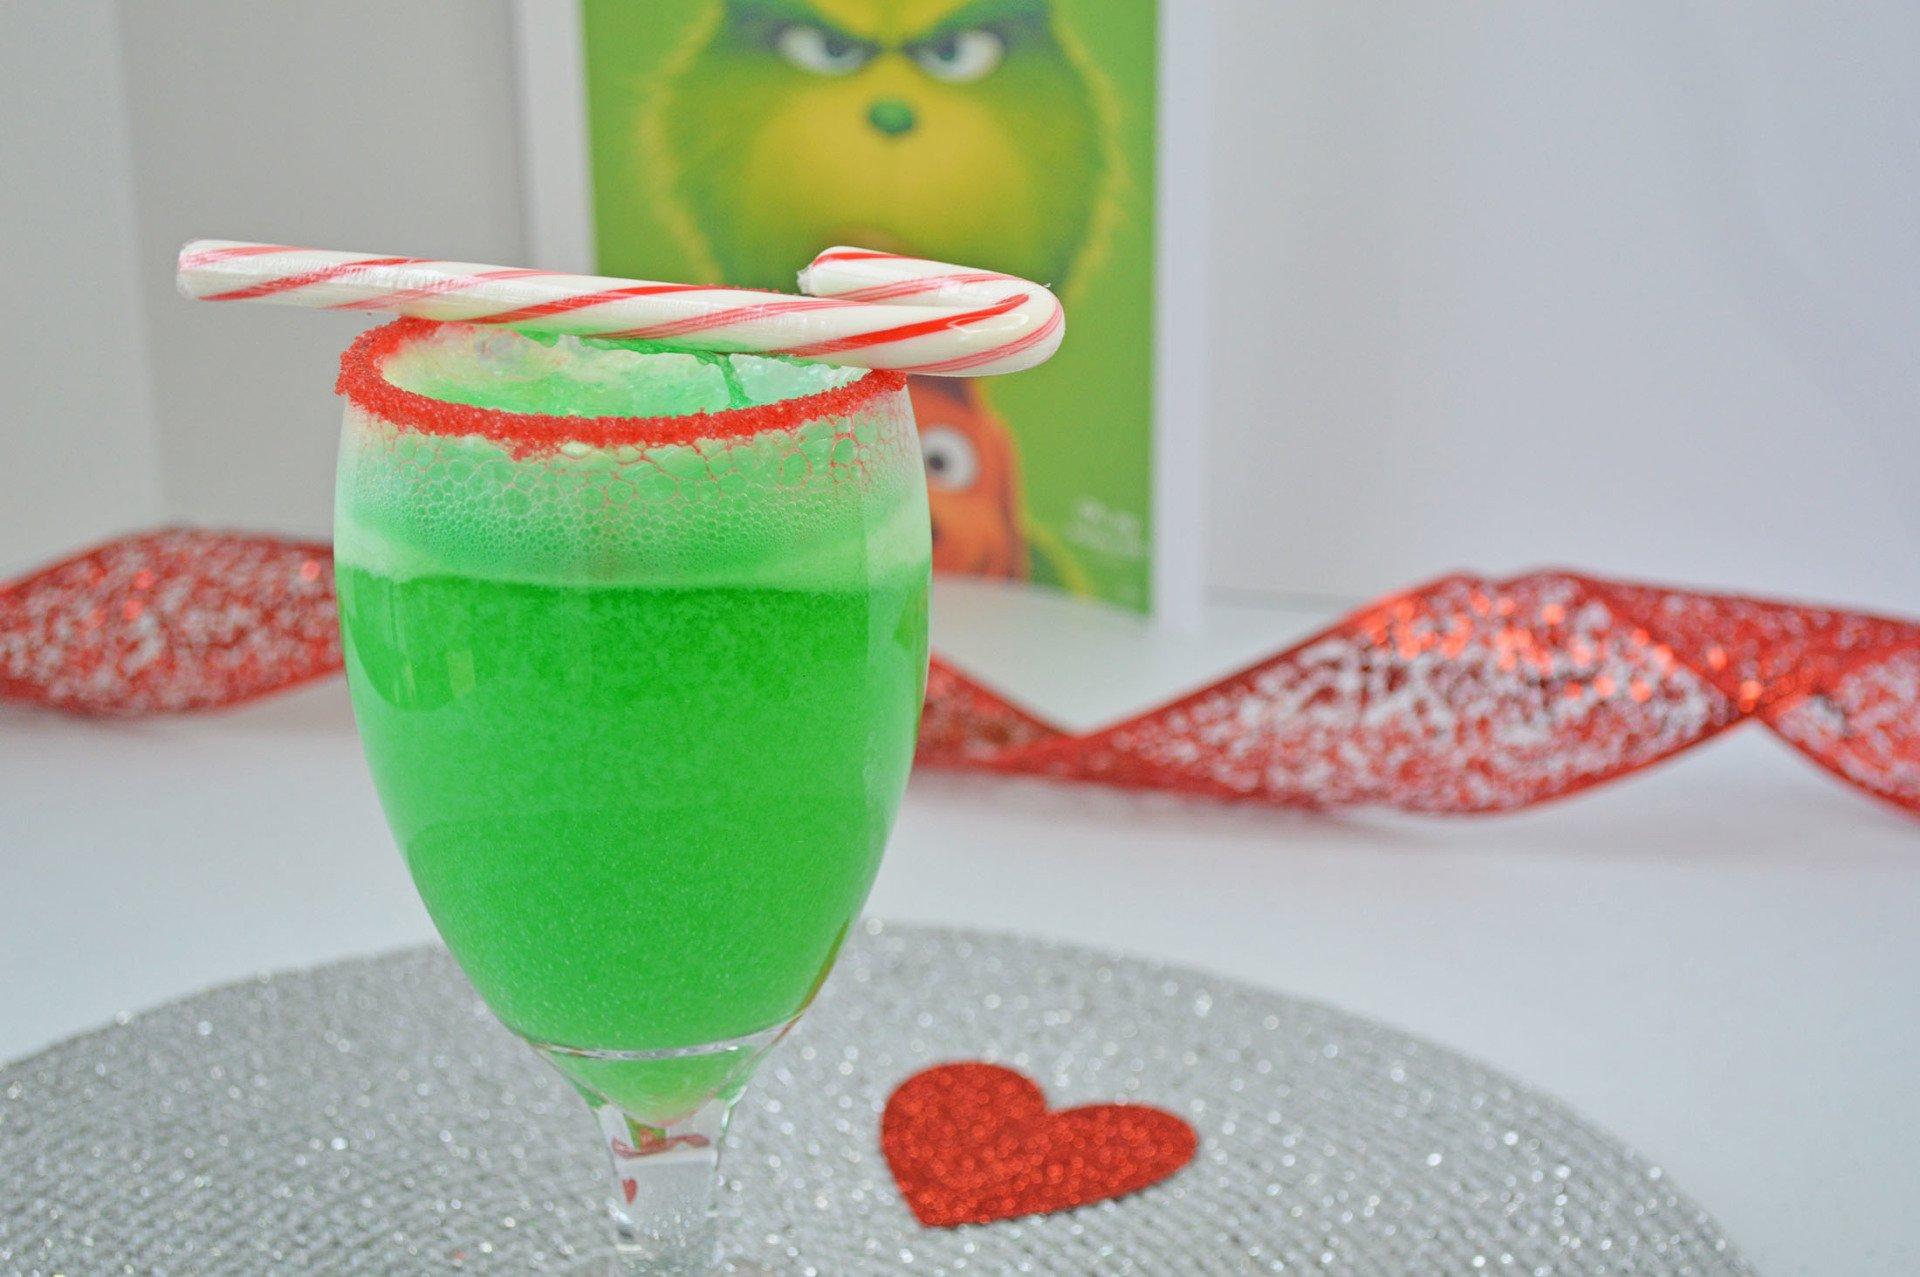 742bc4d60 Um clássico do natal, coquetel inspirado no clássico filme o Grinch. Esse  drink também pode ser adaptado para uma versão sem álcool, para reunir  crianças e ...